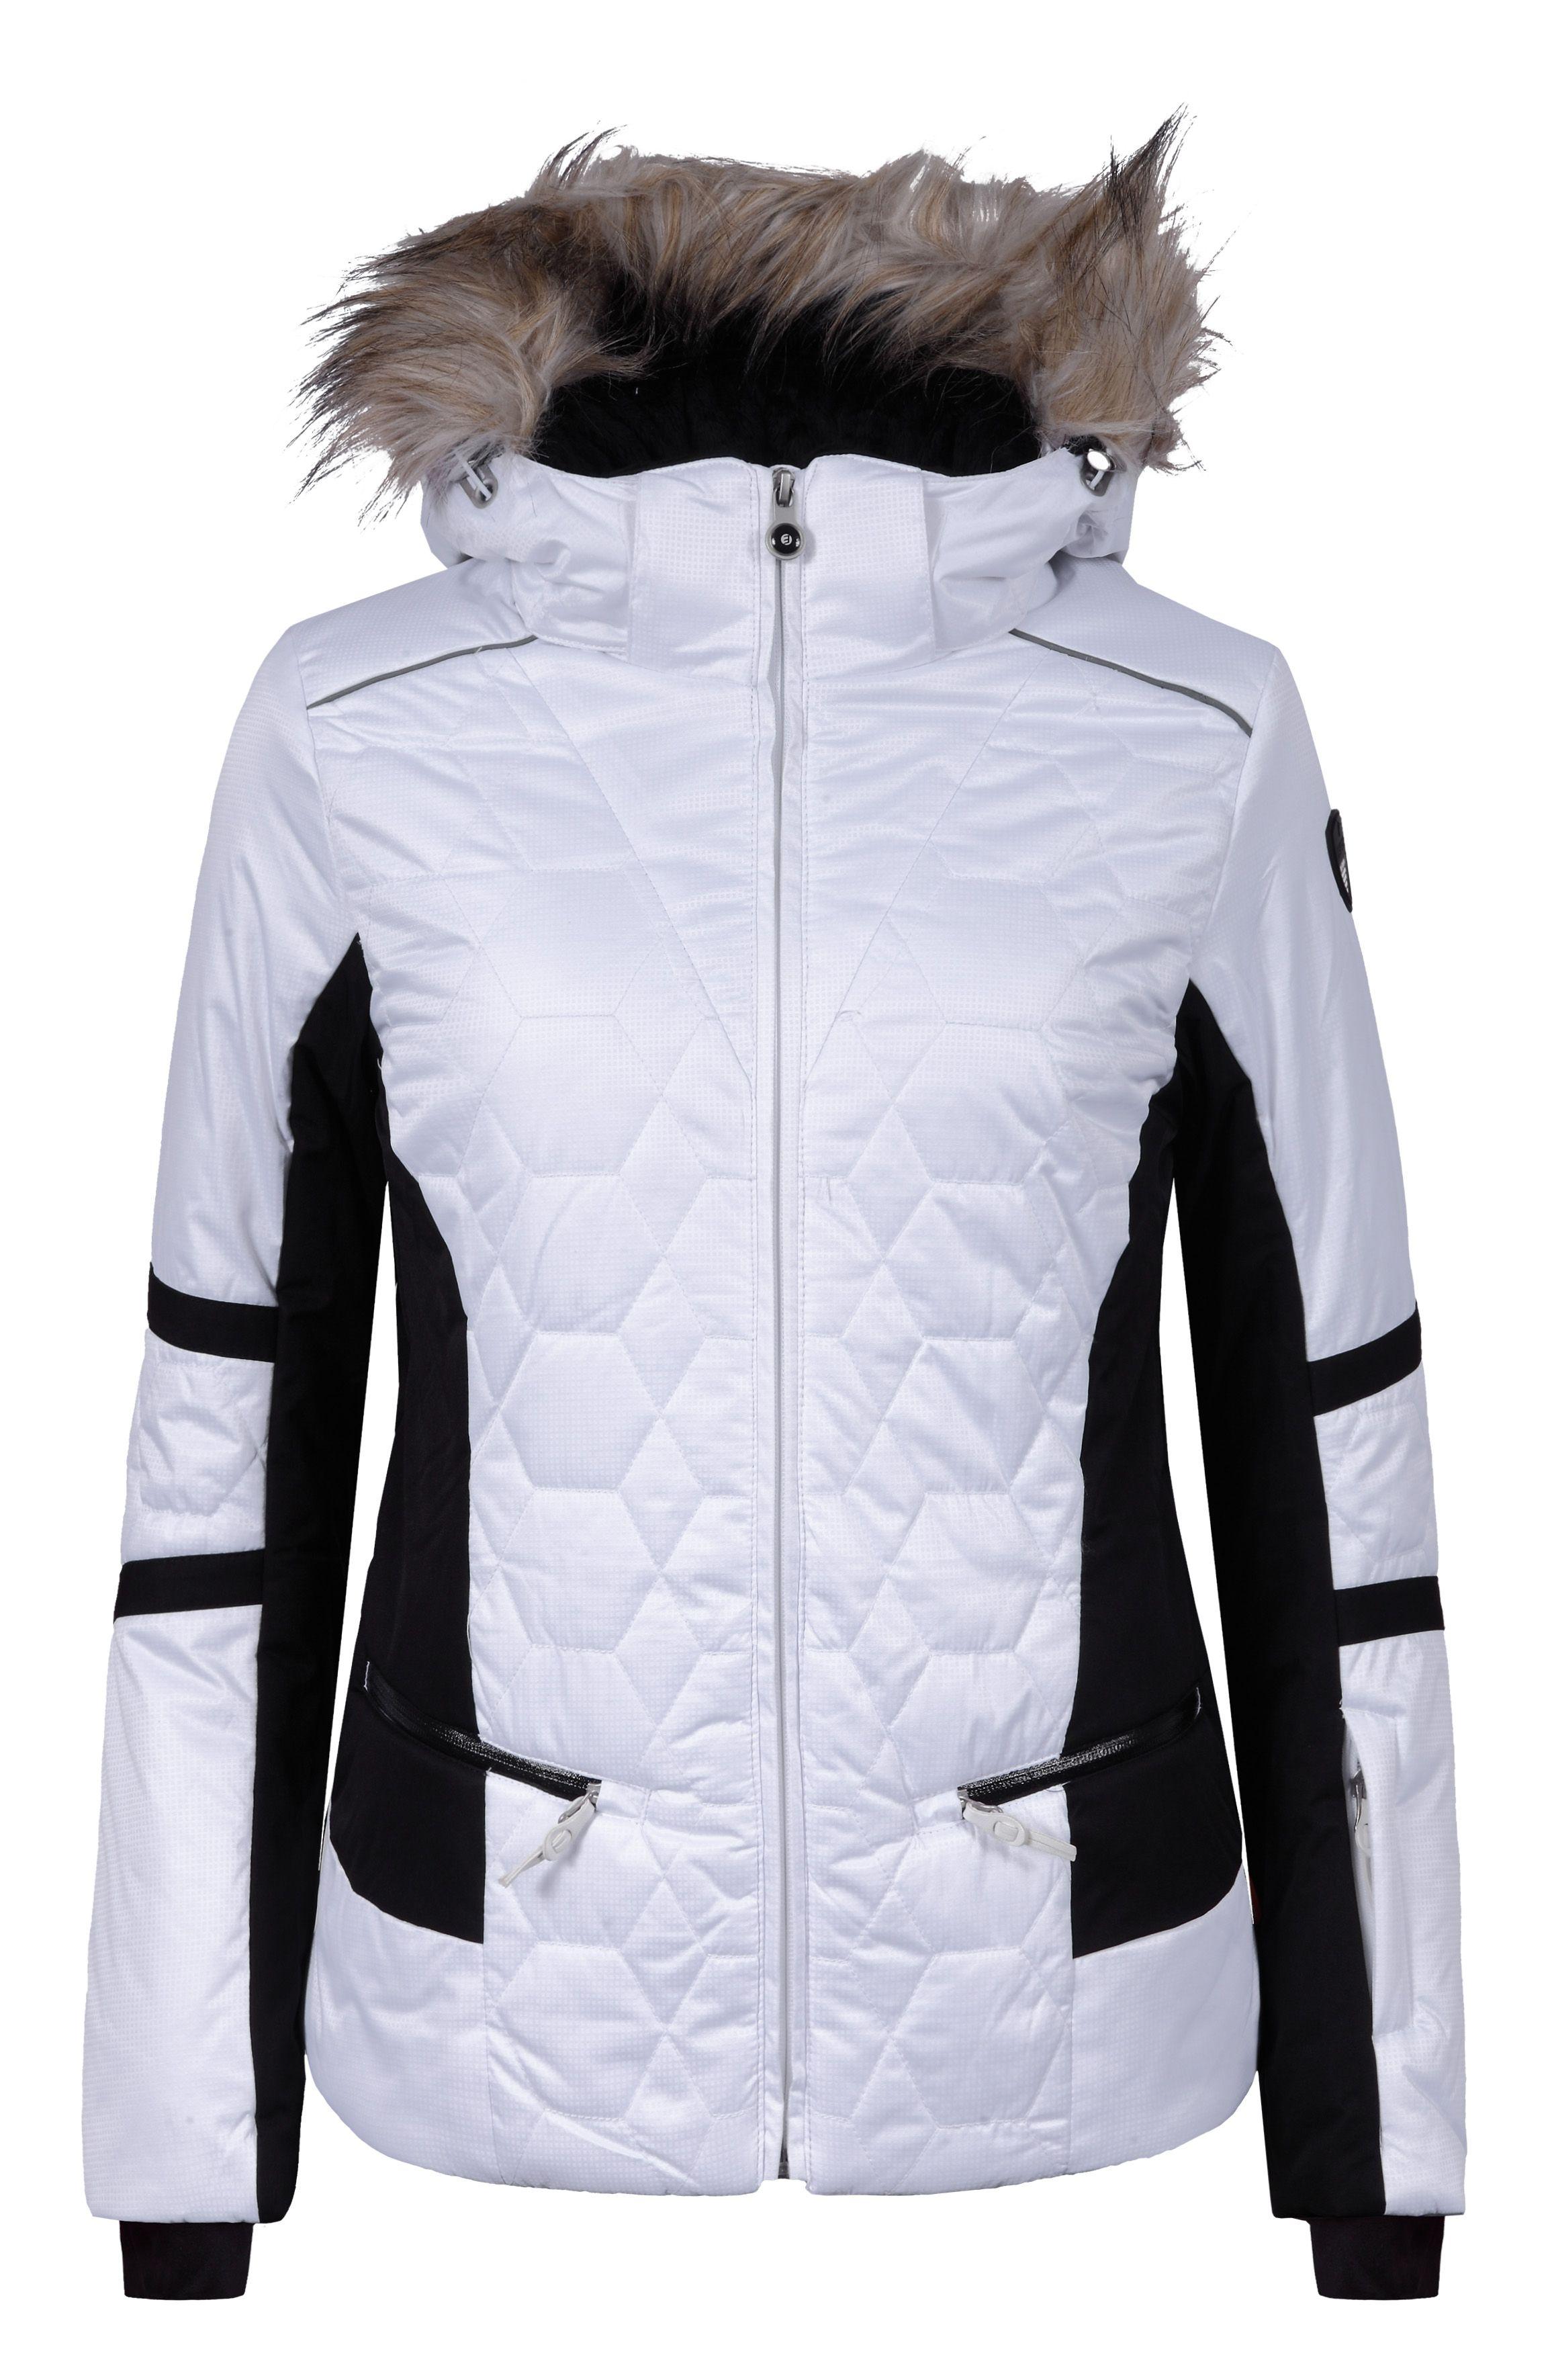 Icepeak Carol I biela 853204 512 - 980 dámska zimná bunda a48abcc8840